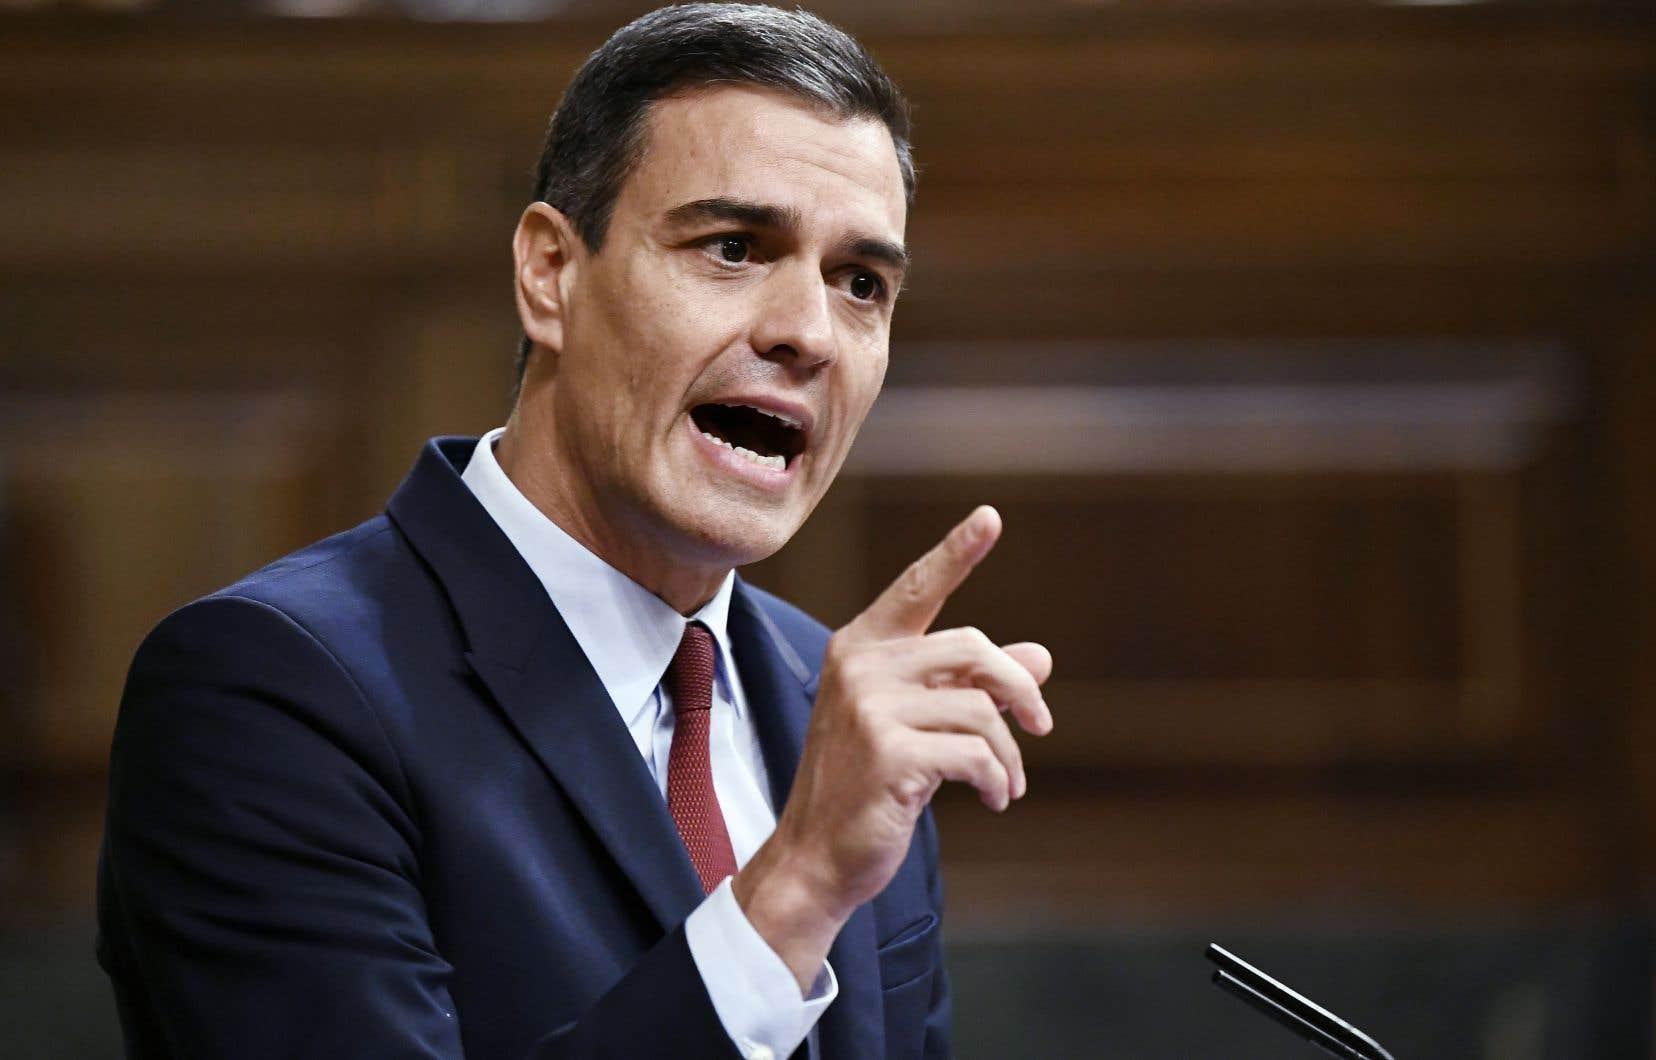 Le chef du gouvernement espagnol, Pedro Sanchez